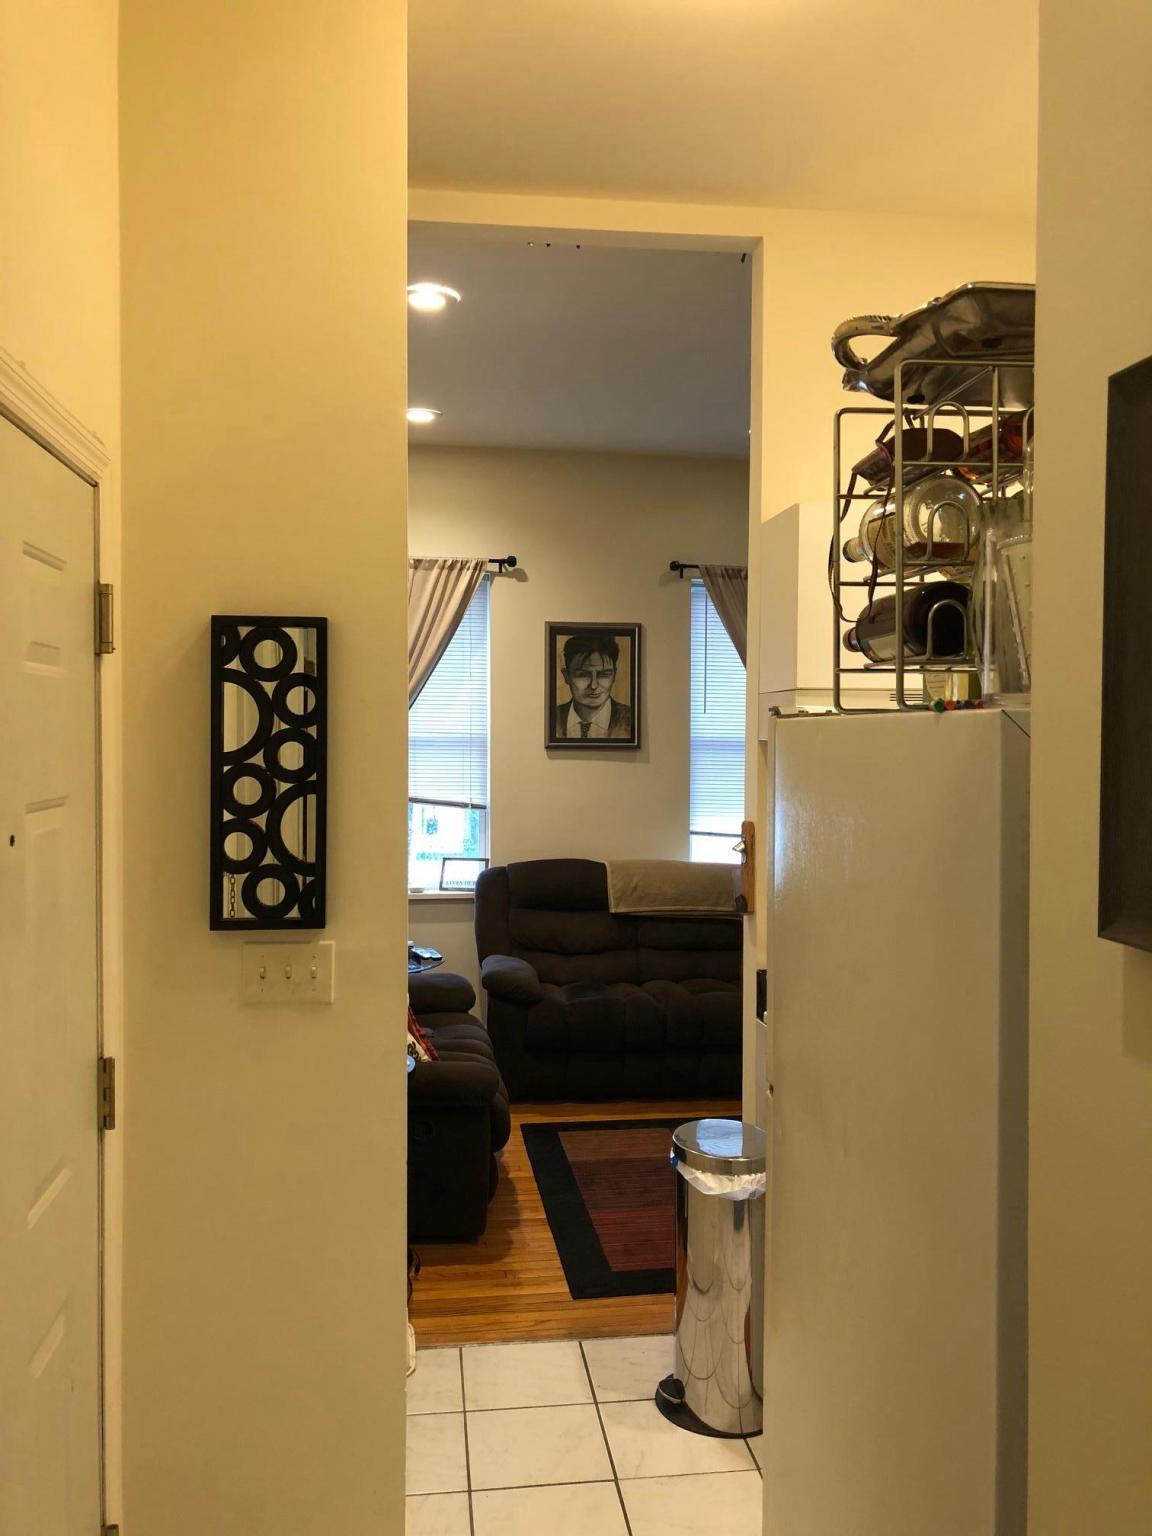 108 8th St #2, Hoboken, NJ 07030 For Rent   Trulia